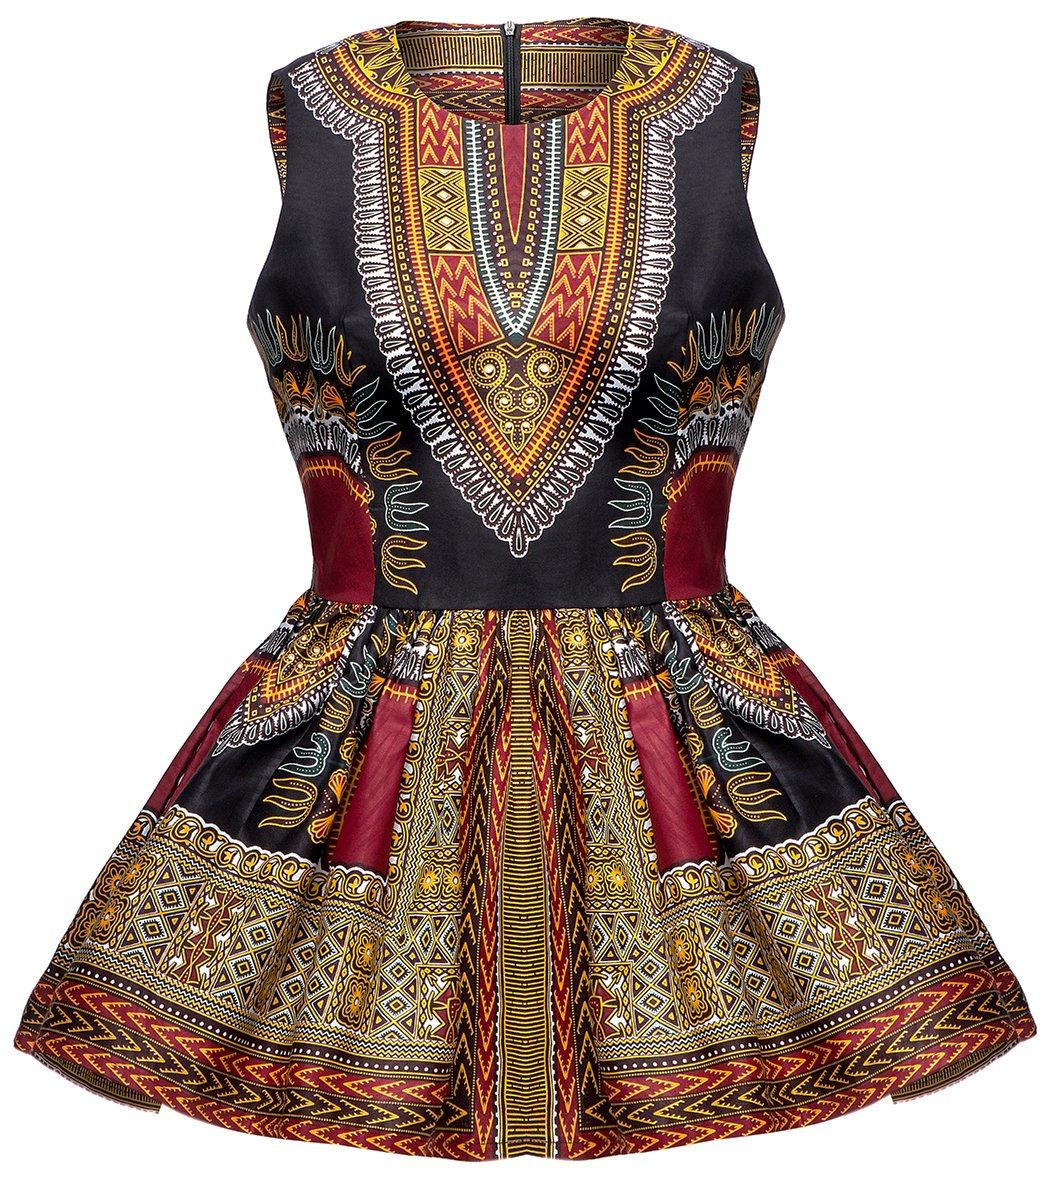 Shenbolen Women African Print Shirt Dashiki Traditional Top